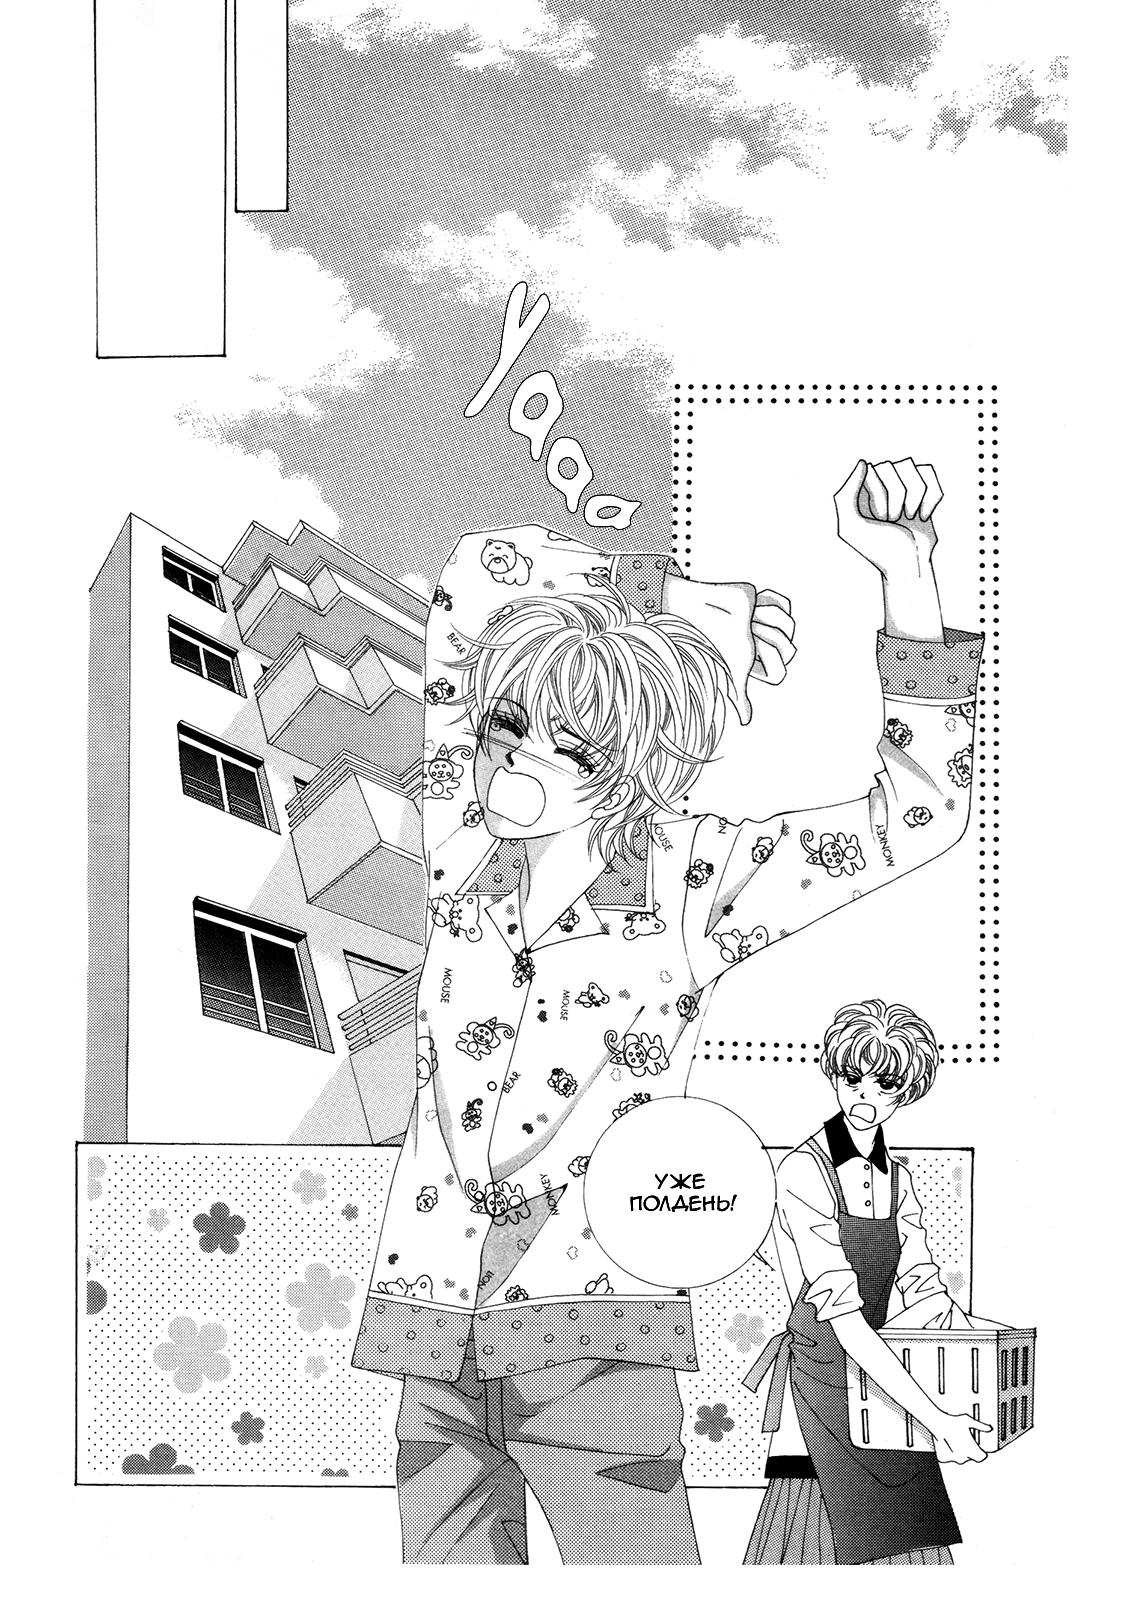 https://r2.ninemanga.com/comics/pic3/33/21089/1314513/1550177650999.png Page 25